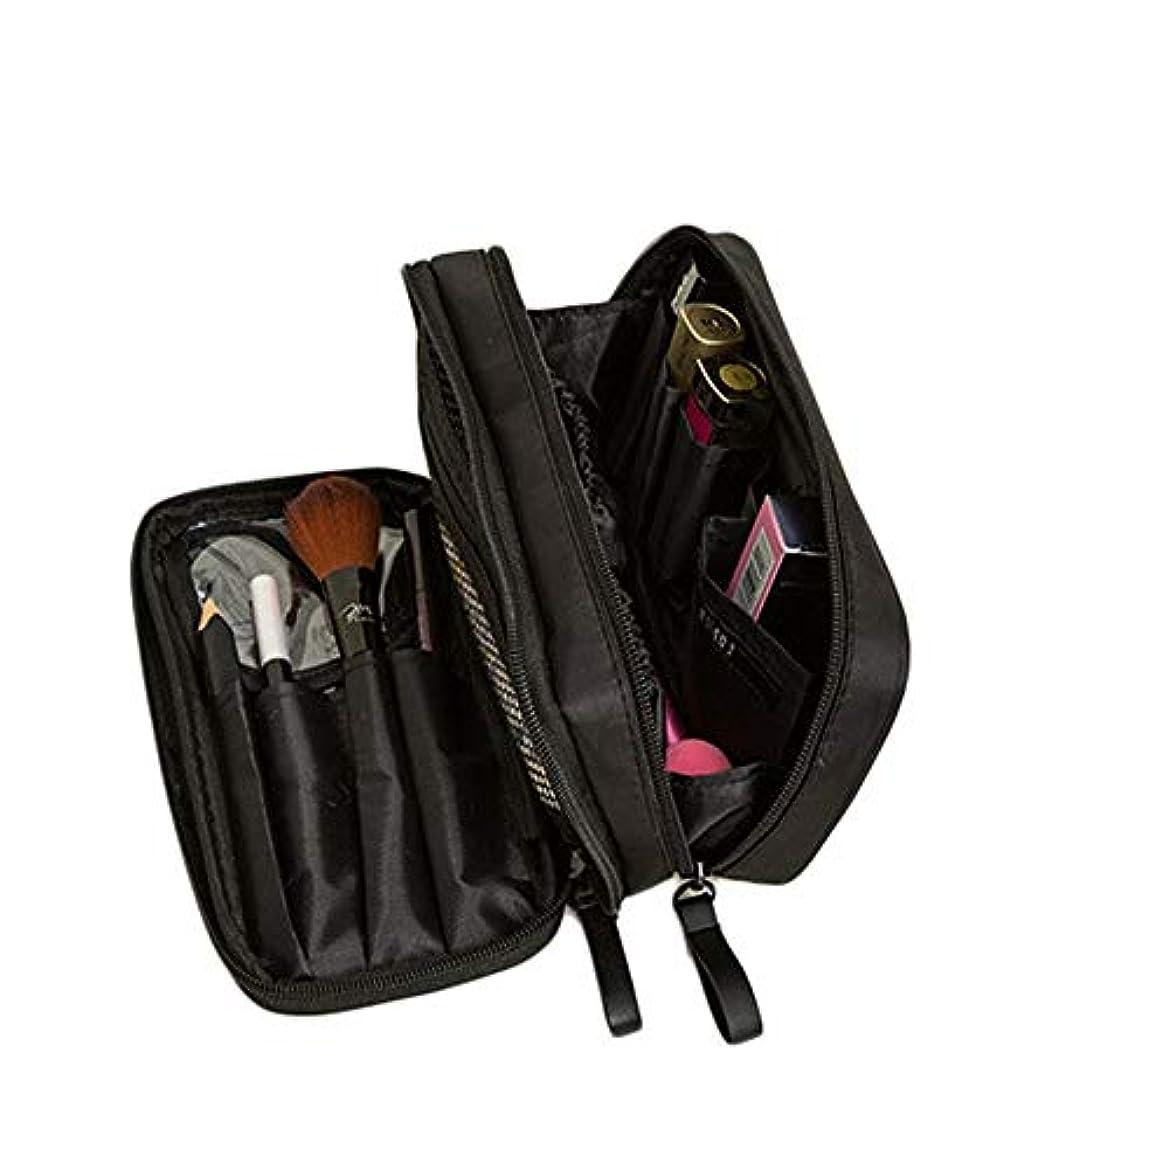 ドック個人的にながら特大スペース収納ビューティーボックス 携帯用化粧品袋、専門の化粧品袋の札入れの旅行者の密集した二重層化粧品/化粧品のブラシ袋の女性、旅行/電車セットの貯蔵袋。 化粧品化粧台 (色 : ブラック)